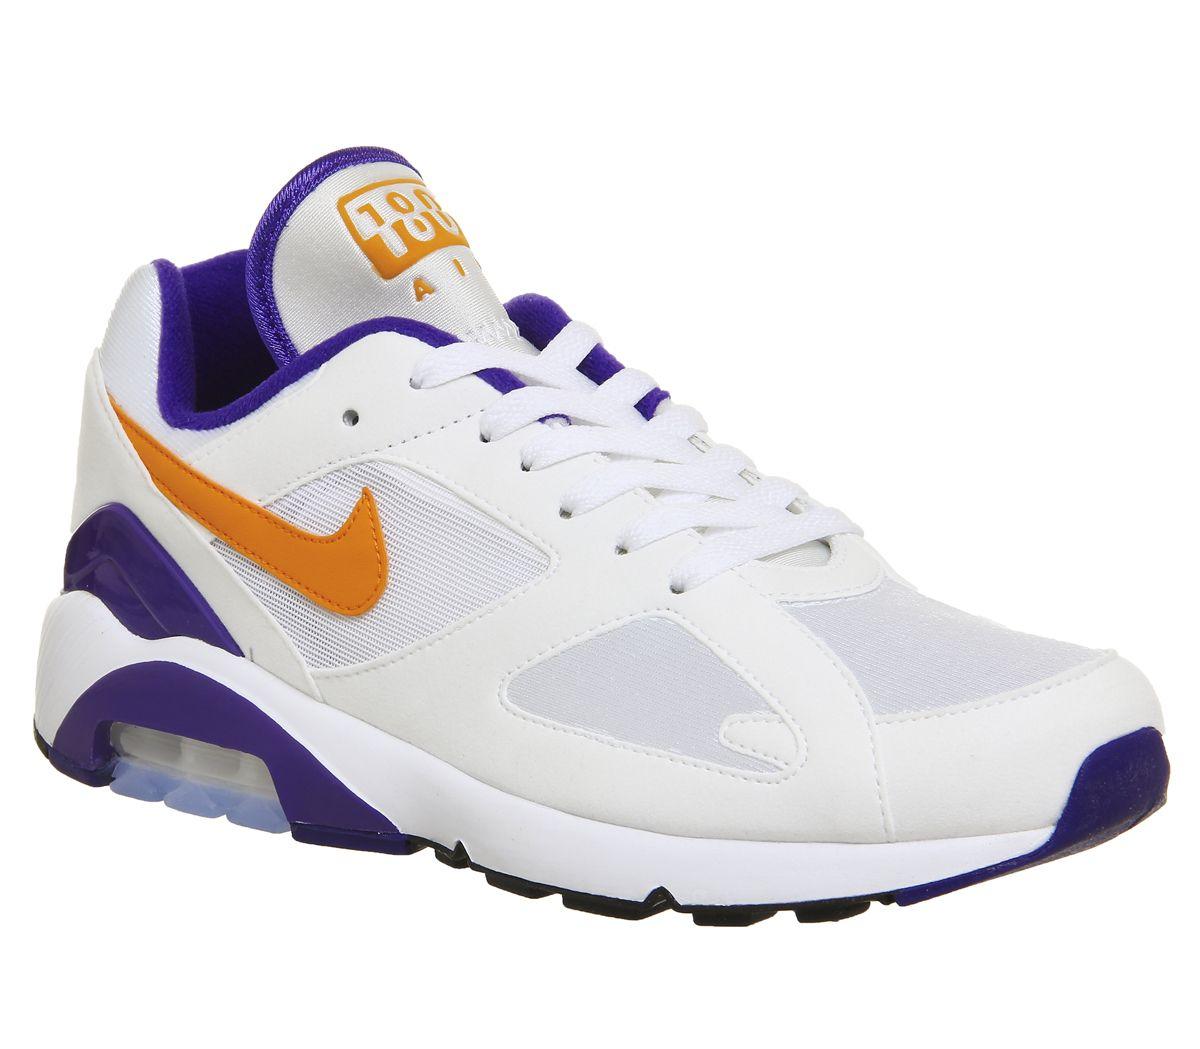 27a02058c2 Nike Air Max 180 White Bright Ceramic Dark Concord M - His trainers